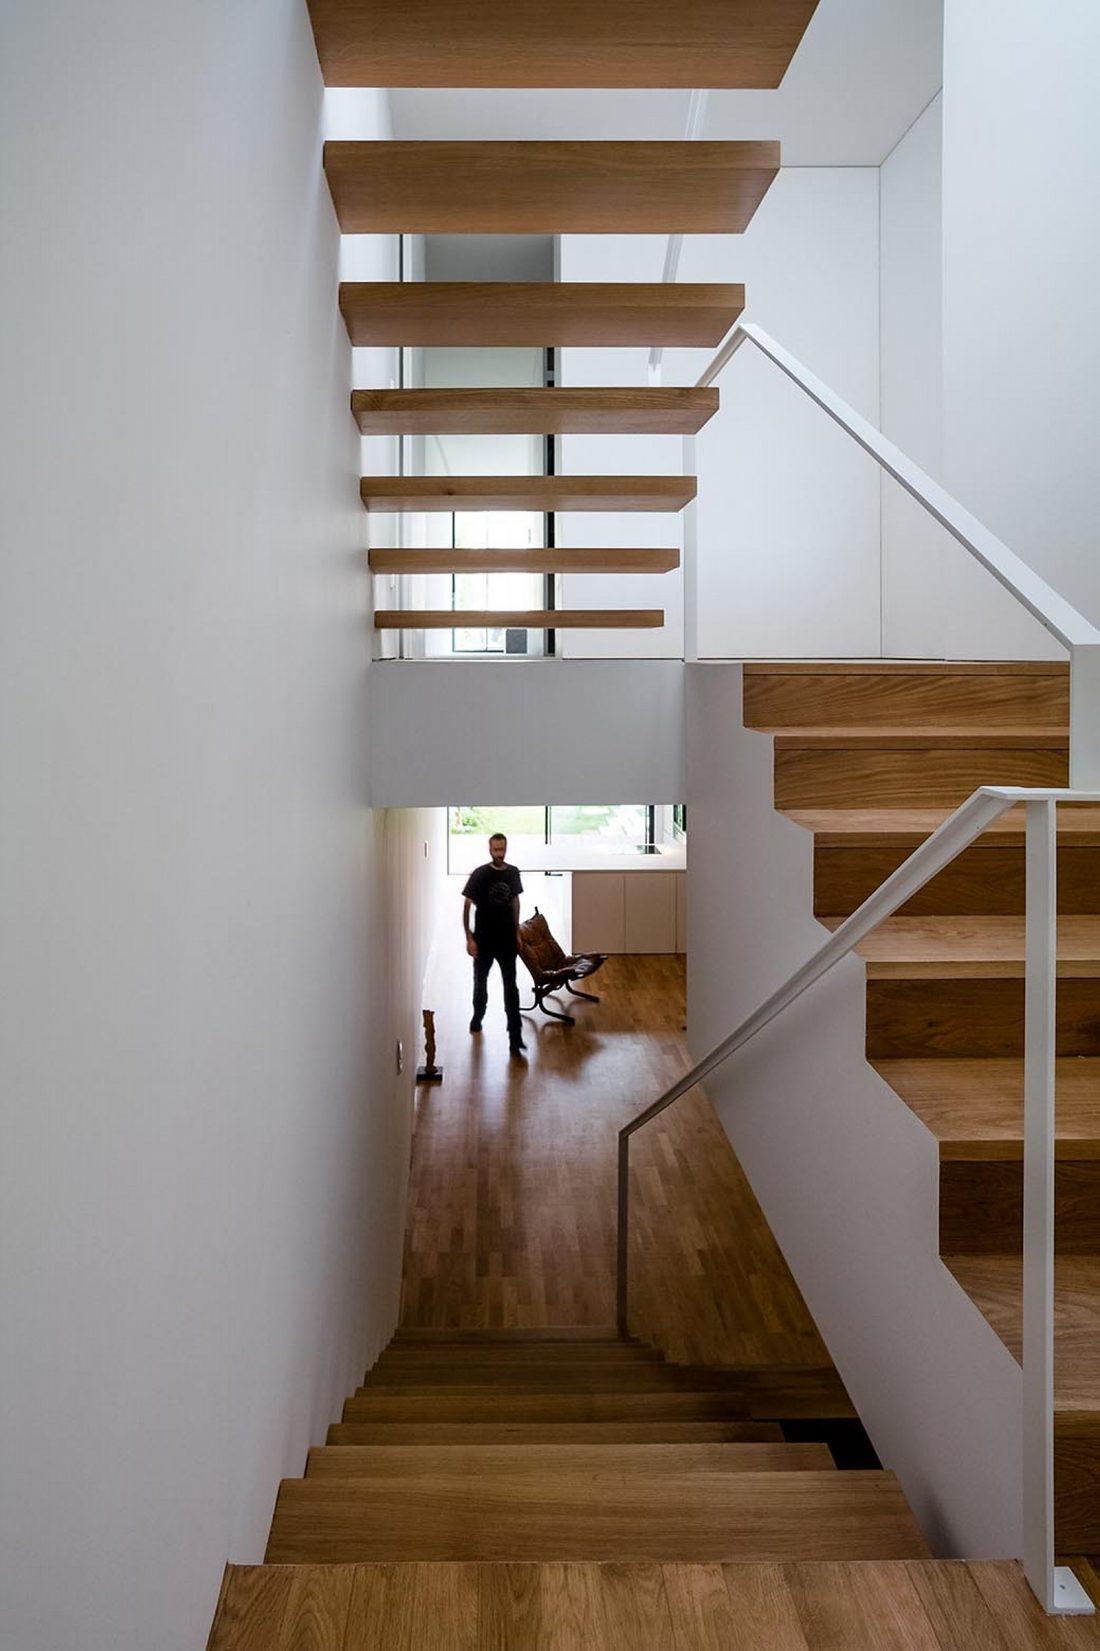 Реконструкция старинного дома Bonjardim House в Португалии по проекту ATKA arquitectos 28